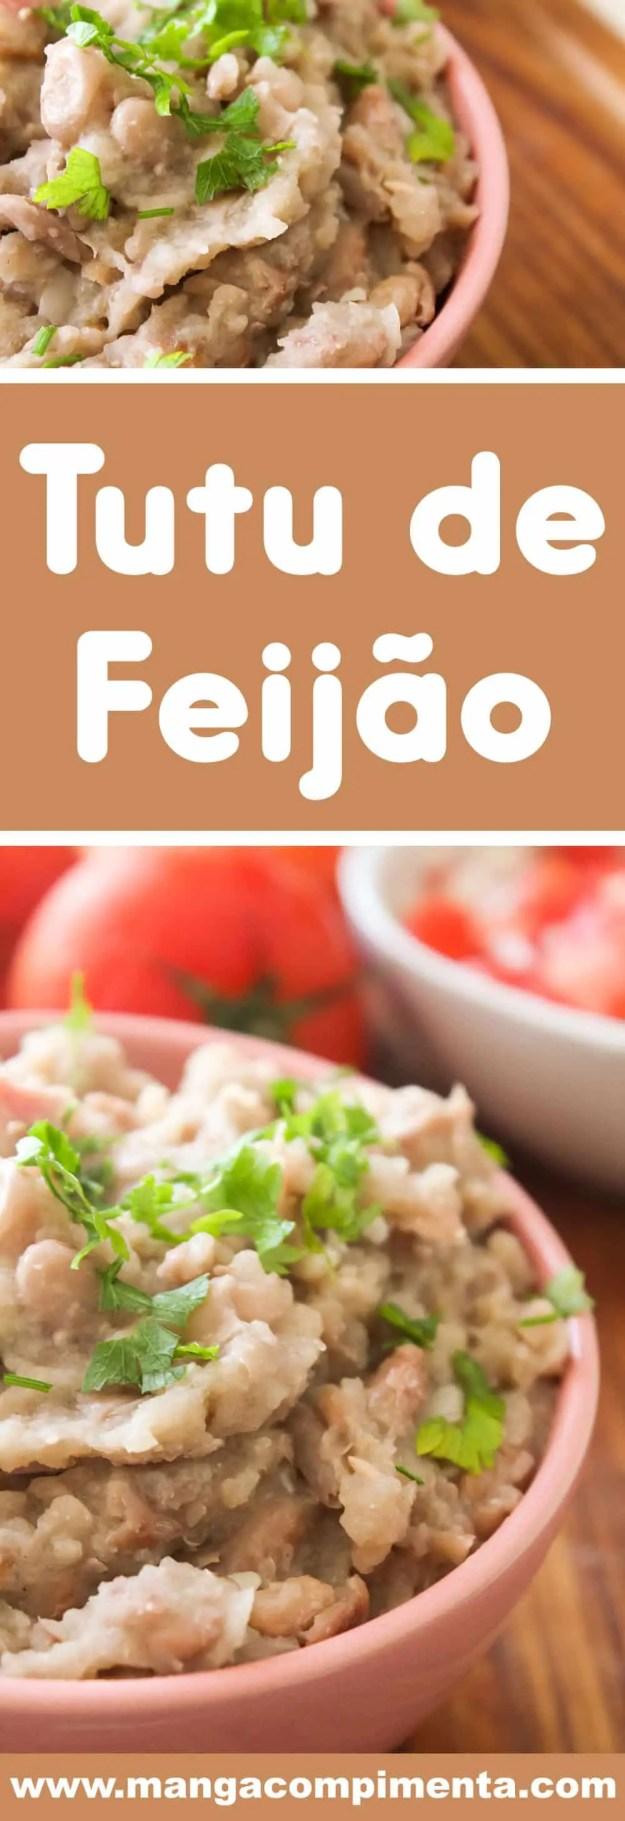 Receita de Tutu de Feijão - prepare um prato simples e delicioso para a sua família.